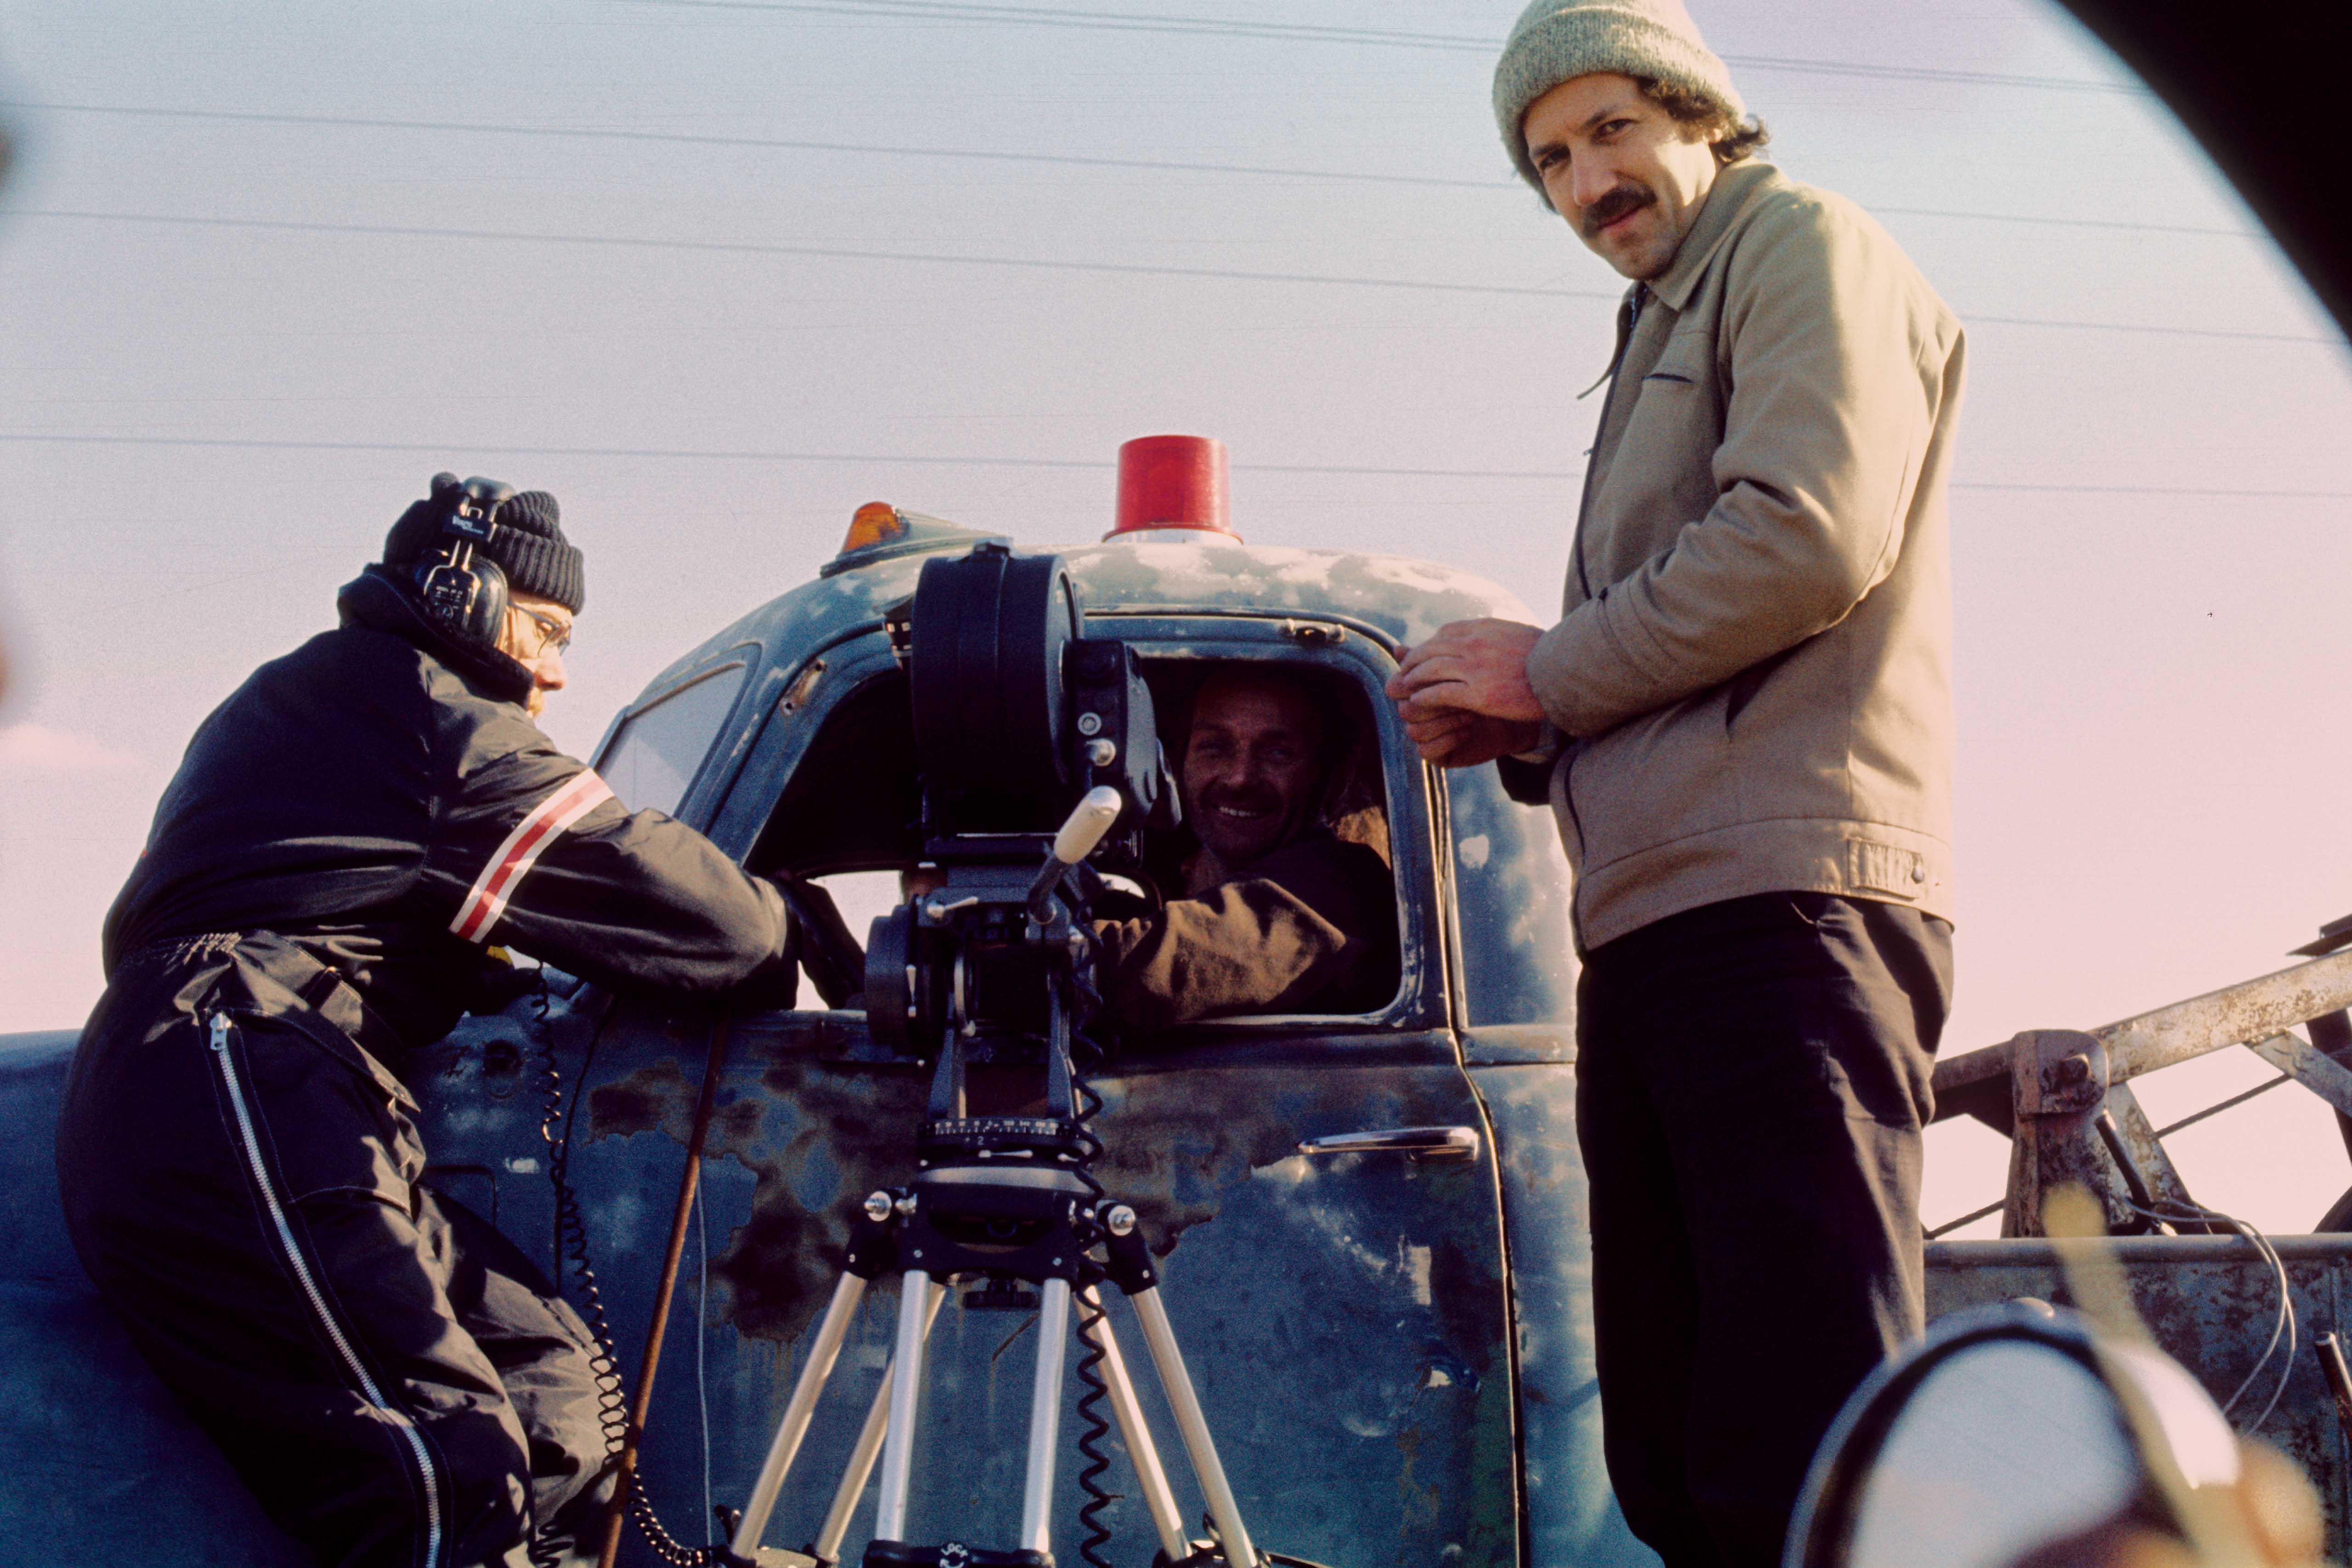 Behind the scenes of the film Stroszek